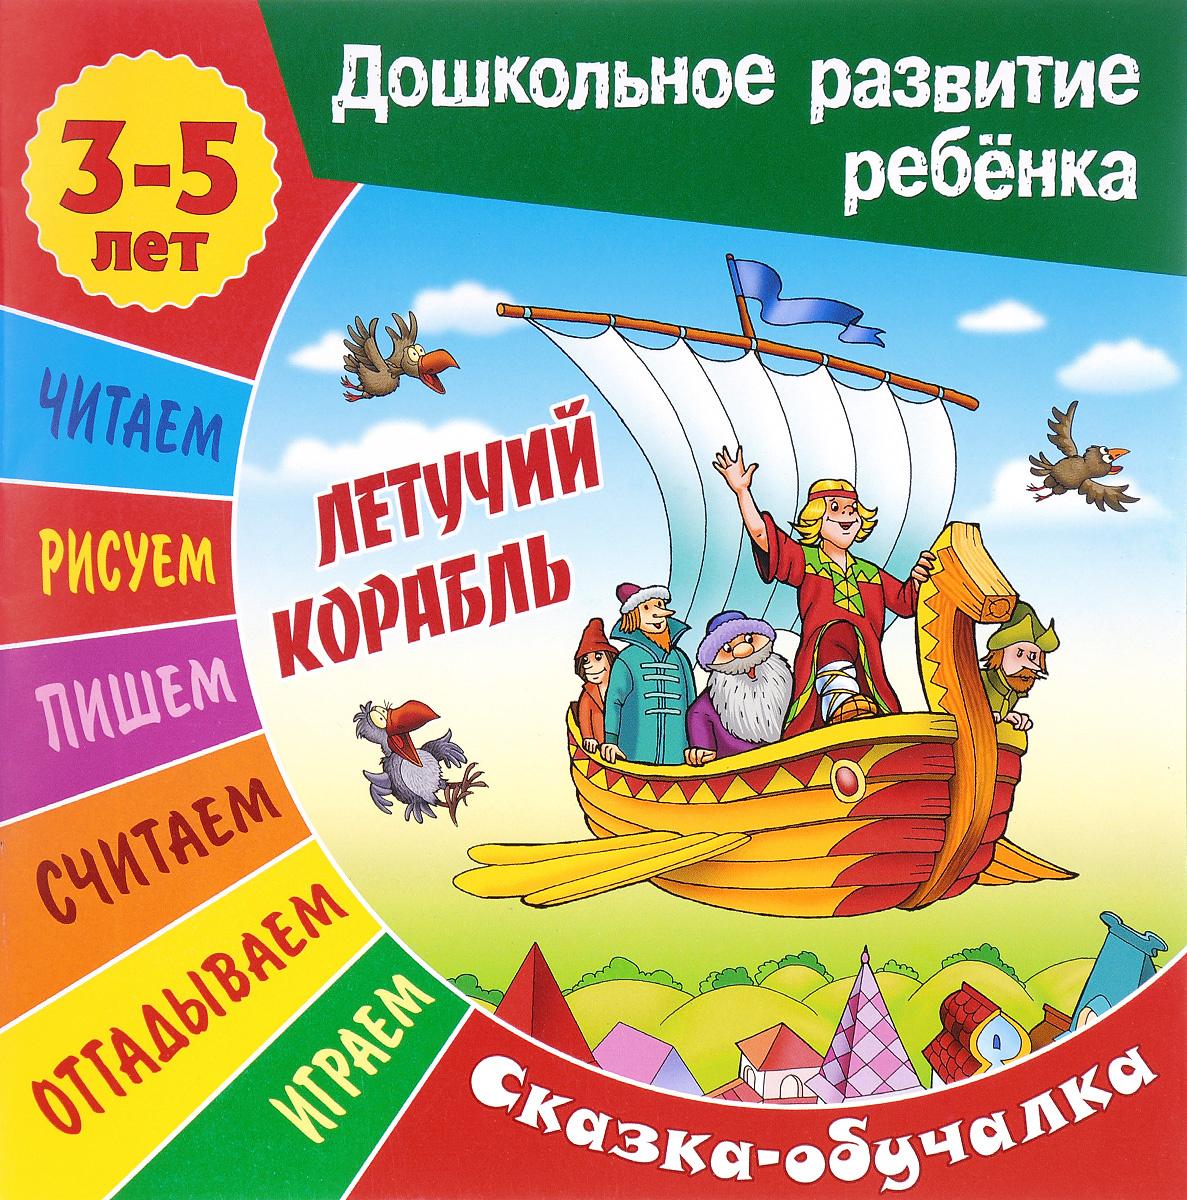 Летучий корабль. Сказка-обучалка #1